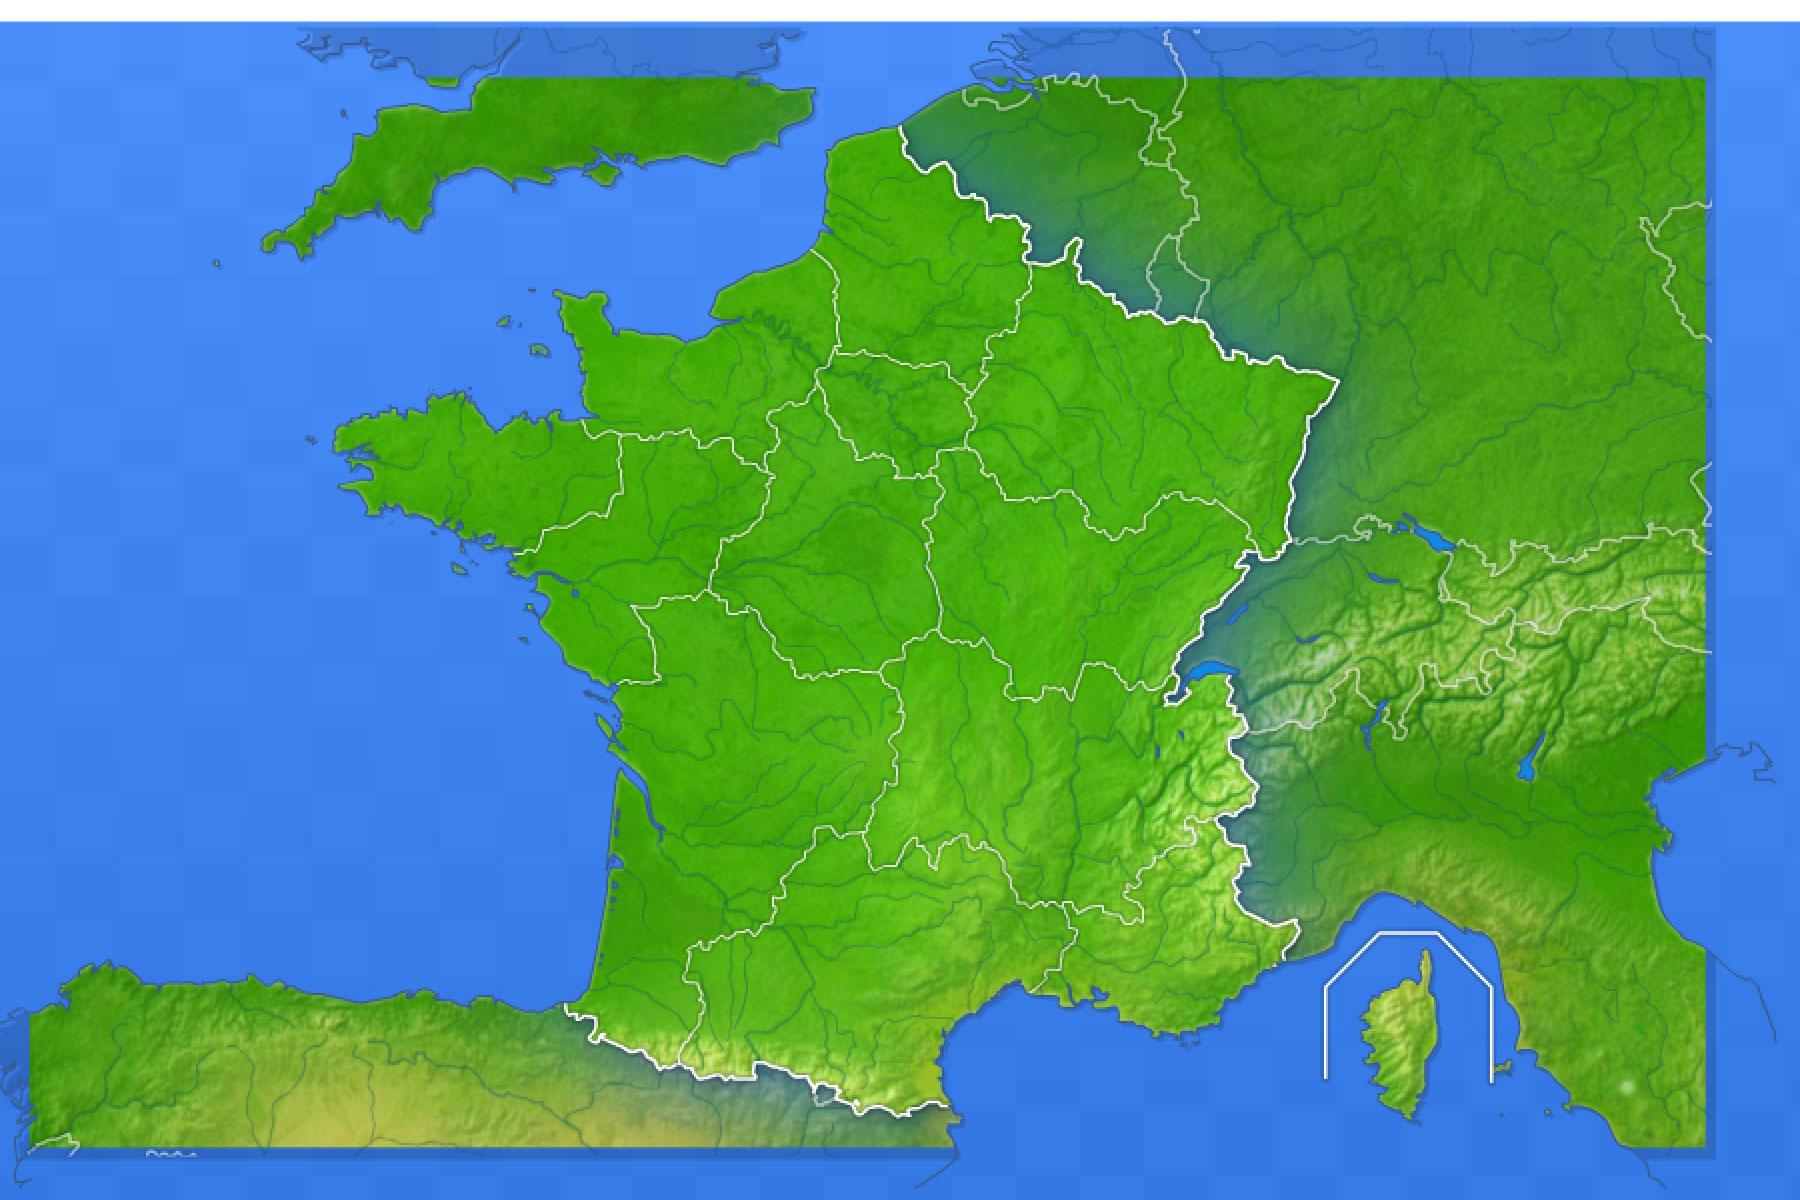 Jeux-Geographiques Jeux Gratuits Jeu Villes De France Junior concernant Pays D Europe Jeux Gratuit